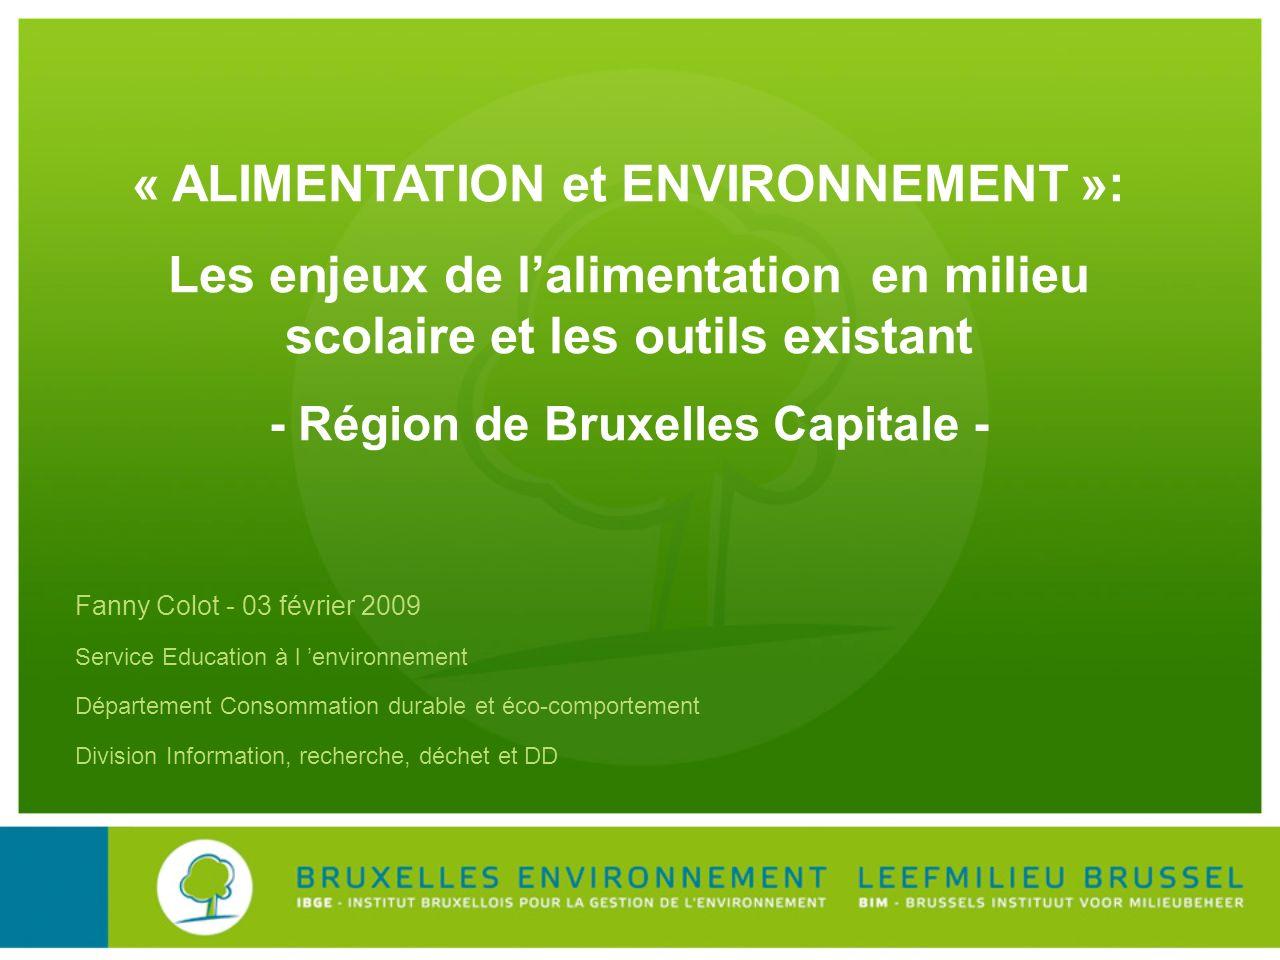 « ALIMENTATION et ENVIRONNEMENT »: